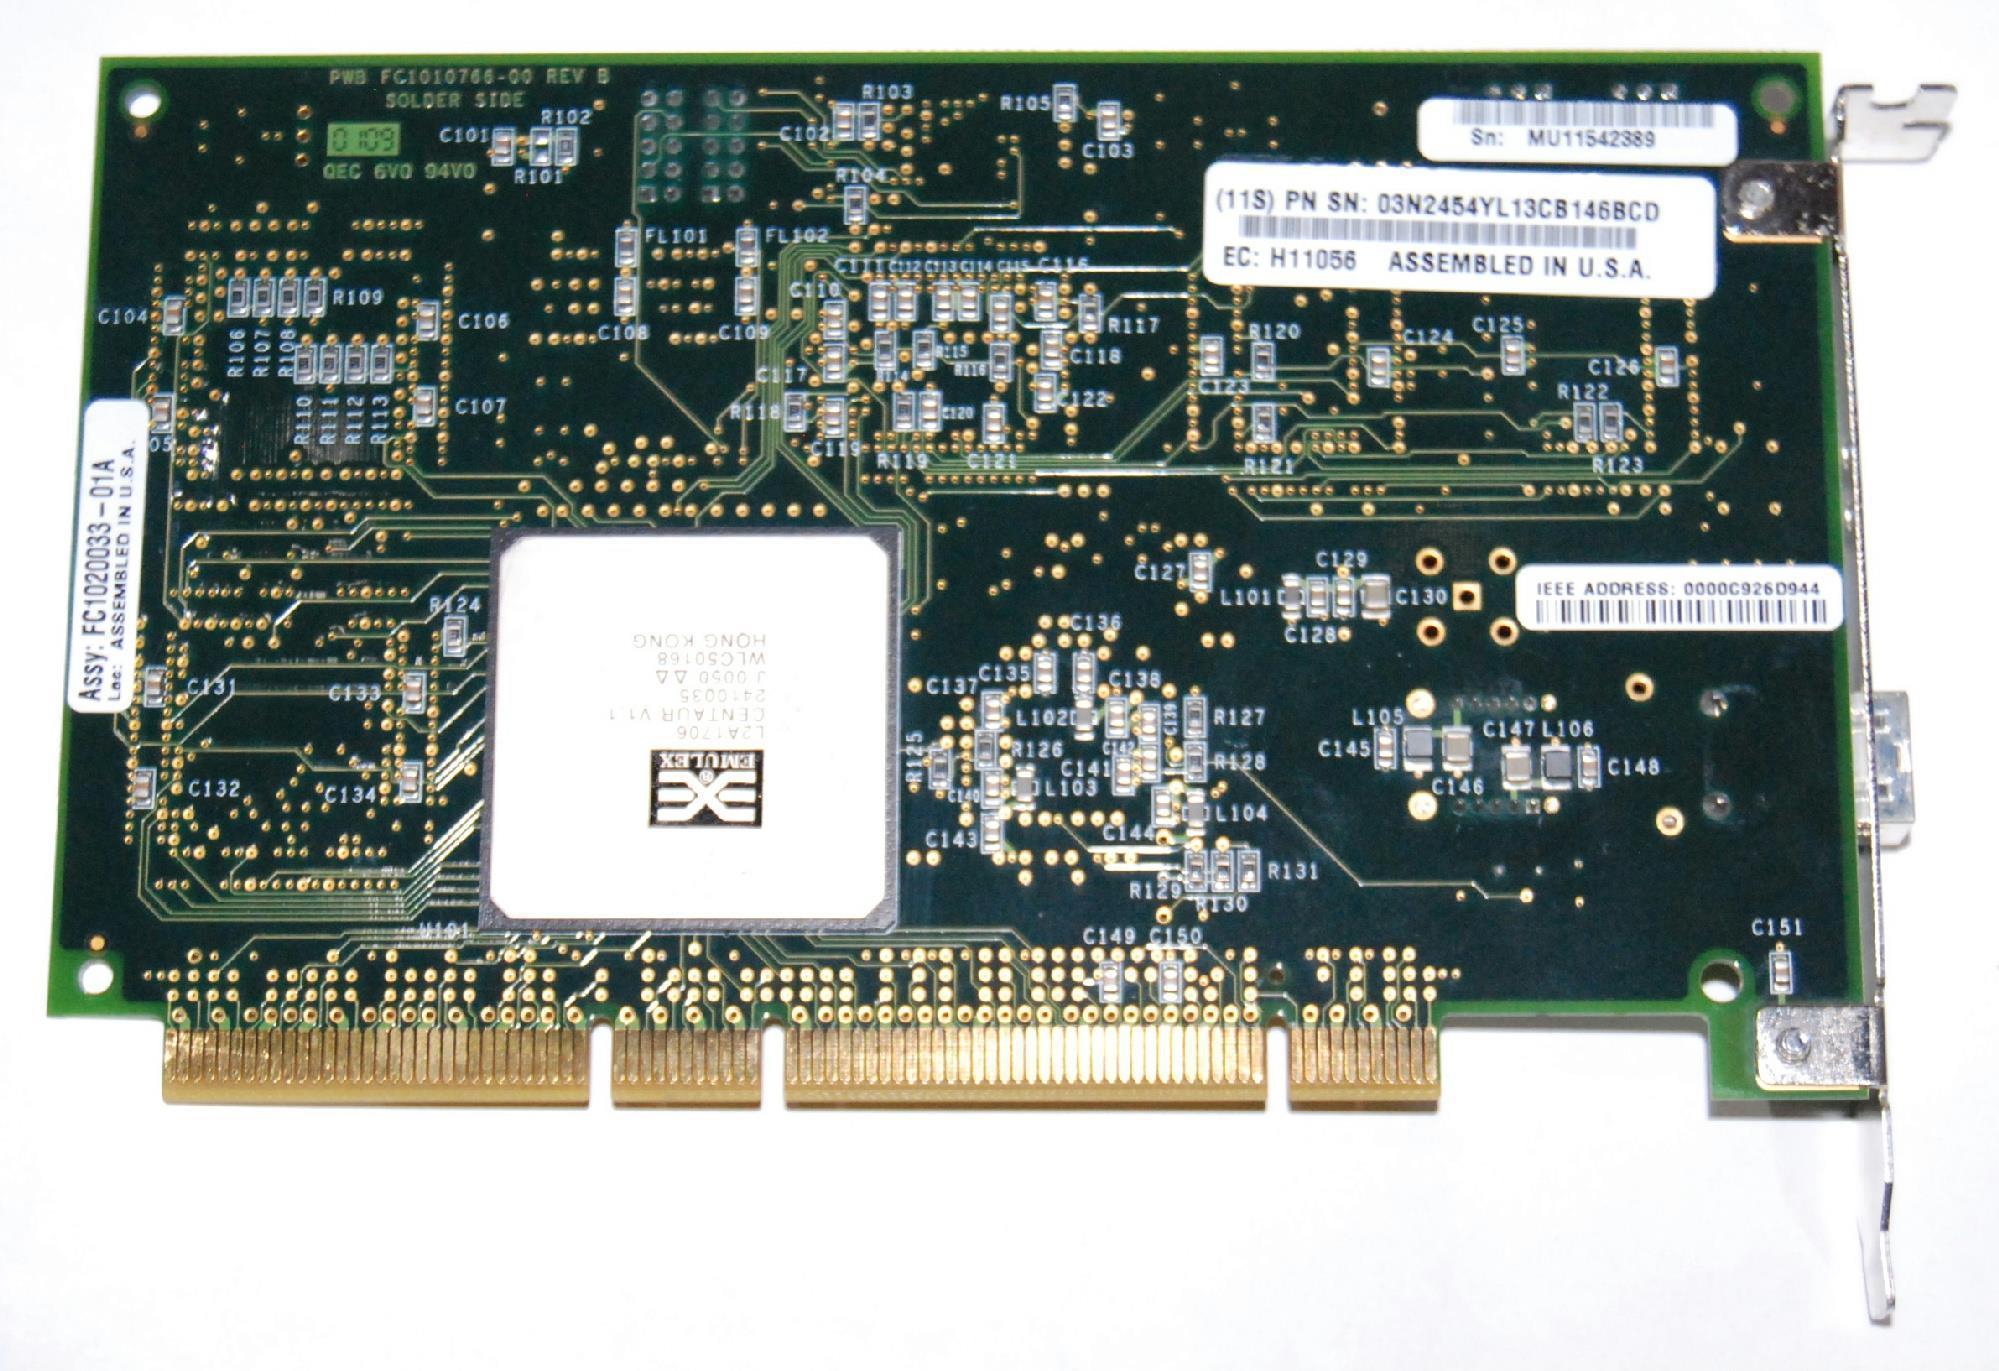 EMULEX LIGHTPULSE LP9002 DRIVER